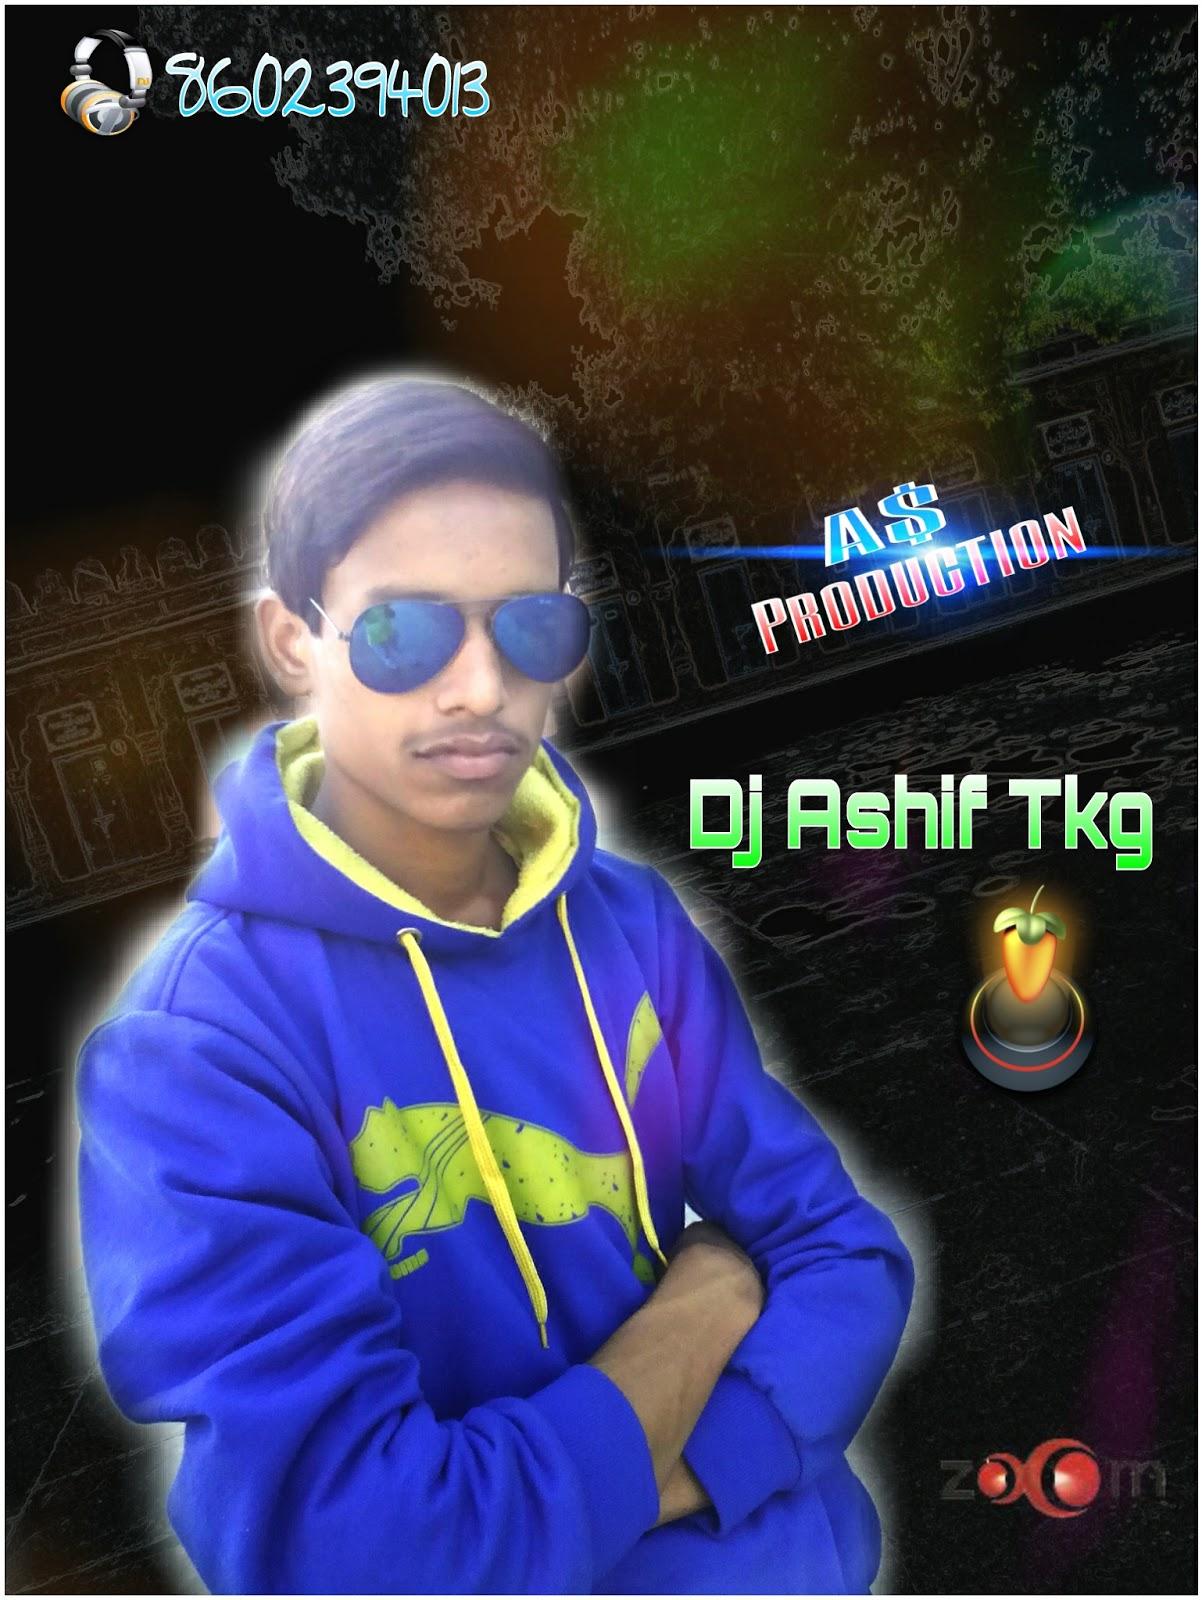 DJ ASHIF TIKAMGARH--8602394013: 2016